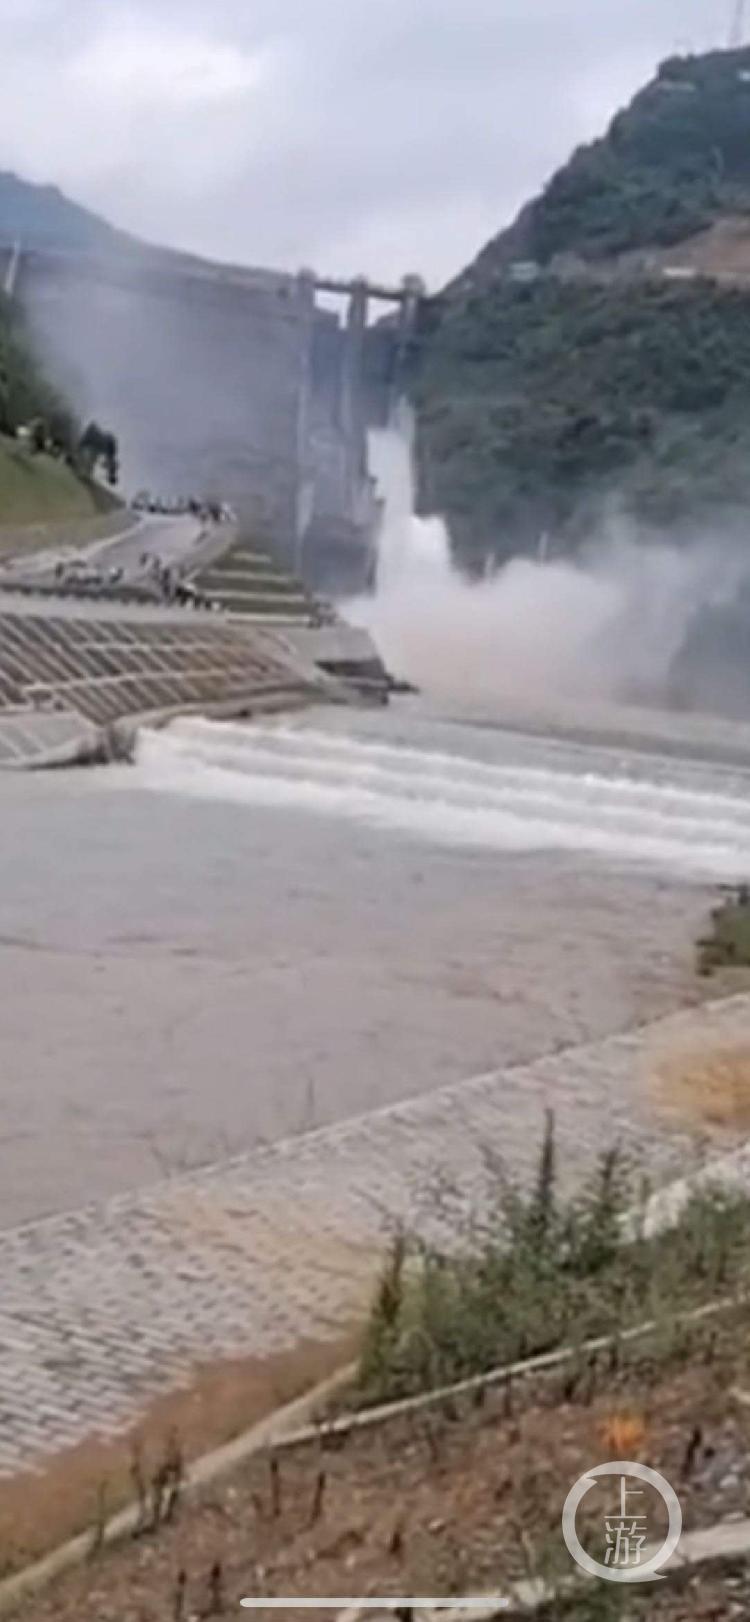 6月16日,古洞口水库就曾开闸放水,有人下河捞鱼。知情者供图